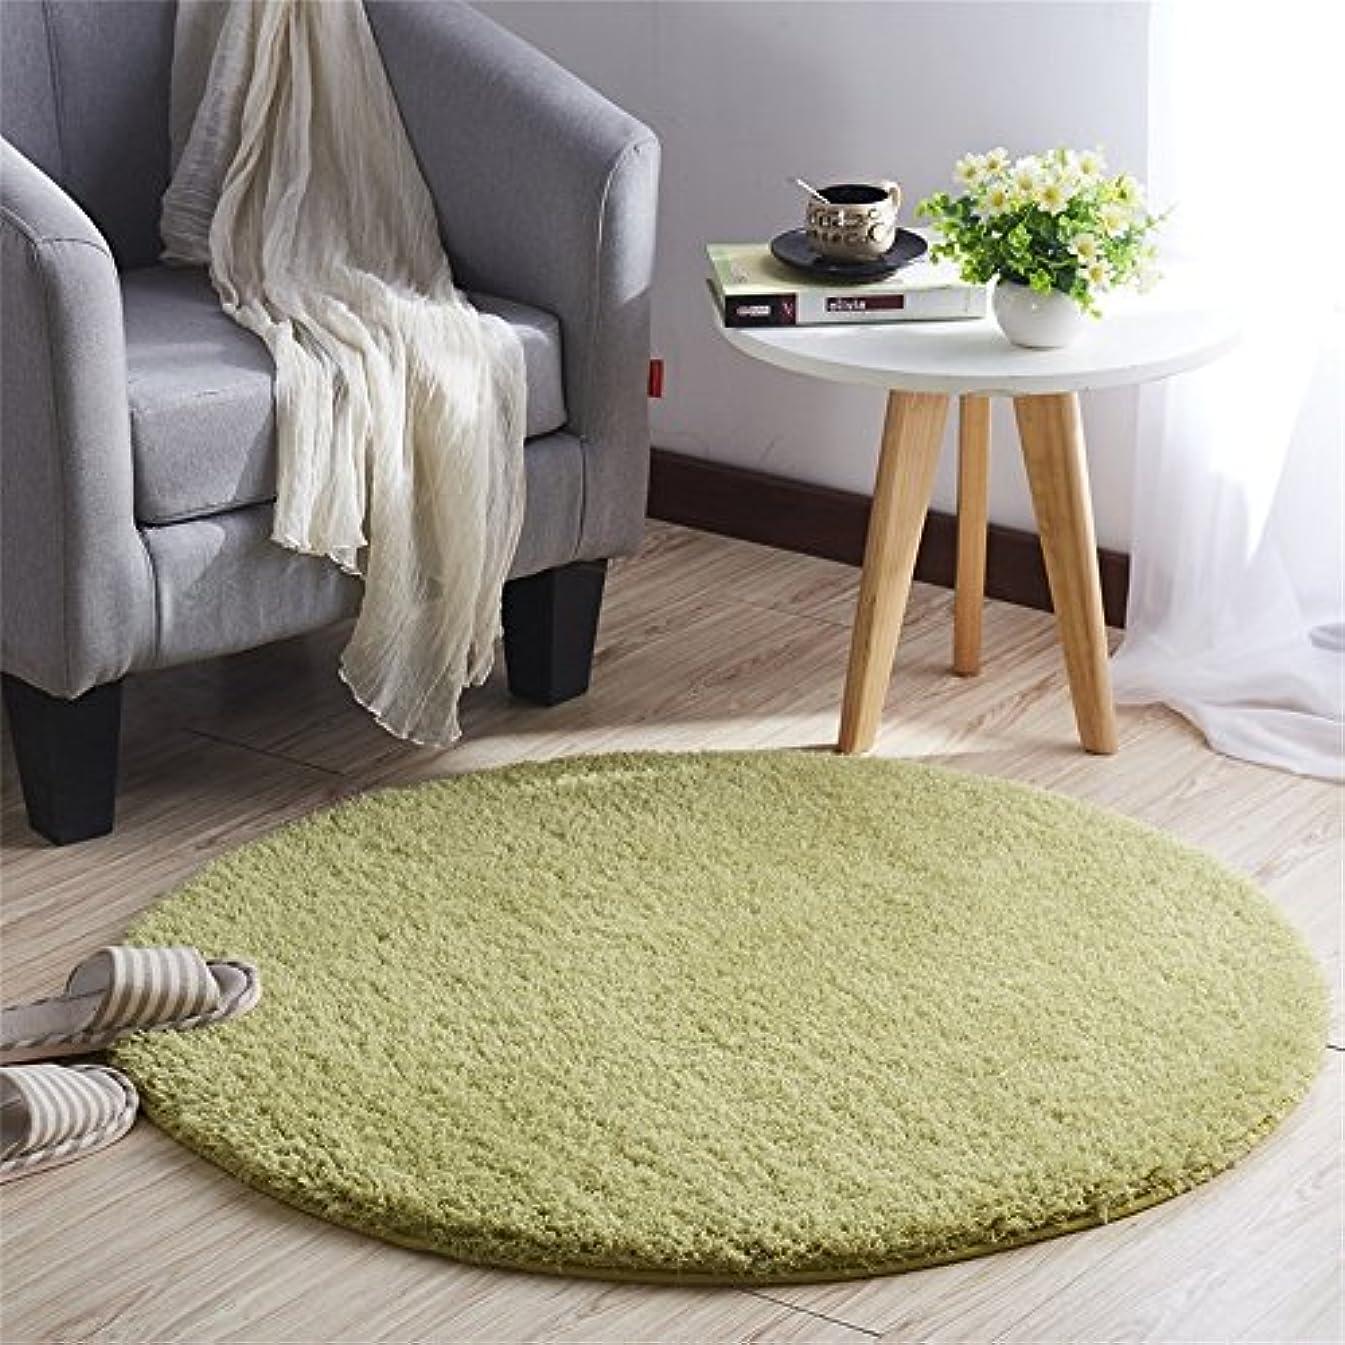 カカドゥ直感死傷者CLAXAM 一瞬だけでとろけそう~!ラブリーシャギーラグ 丸い絨毯 極上の繊細さと柔らかさ、サラサラな質感で、あなたの欠かせない家飾りの味方 (80cm, グラスグリーン)